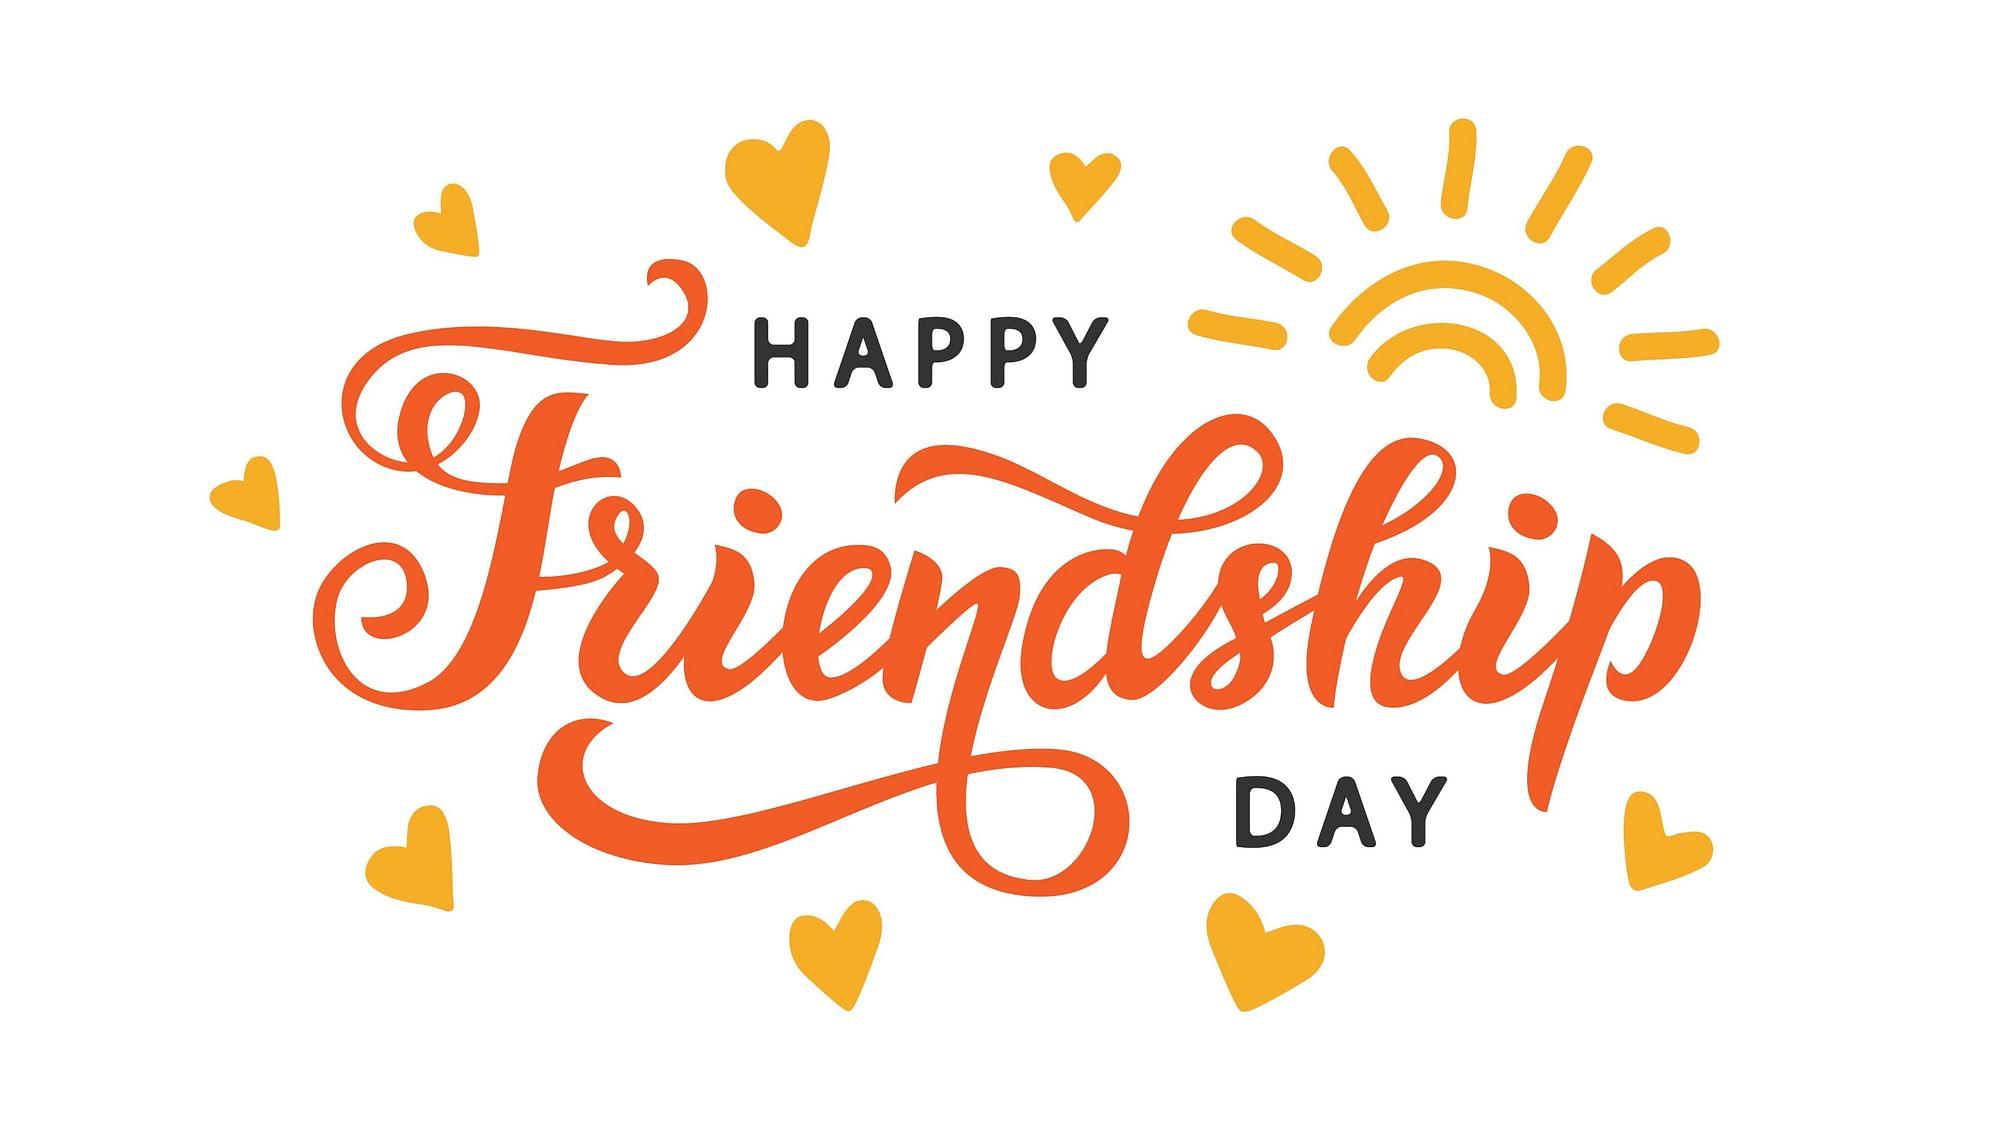 friendship day wishes in english hindi marathi telugu